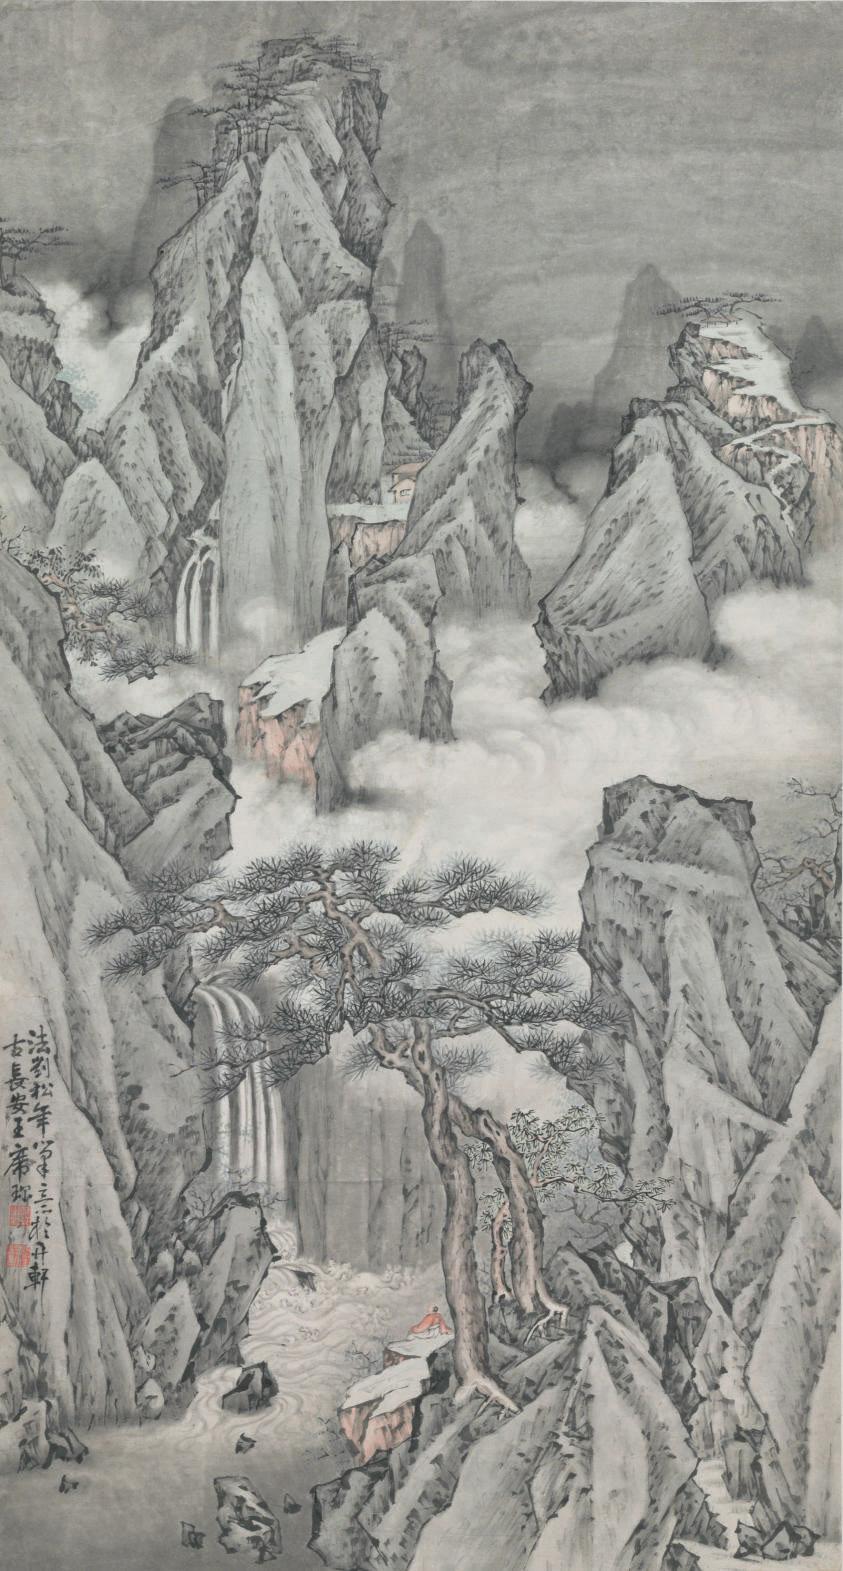 WANG XIZHEN (19TH CENTURY)